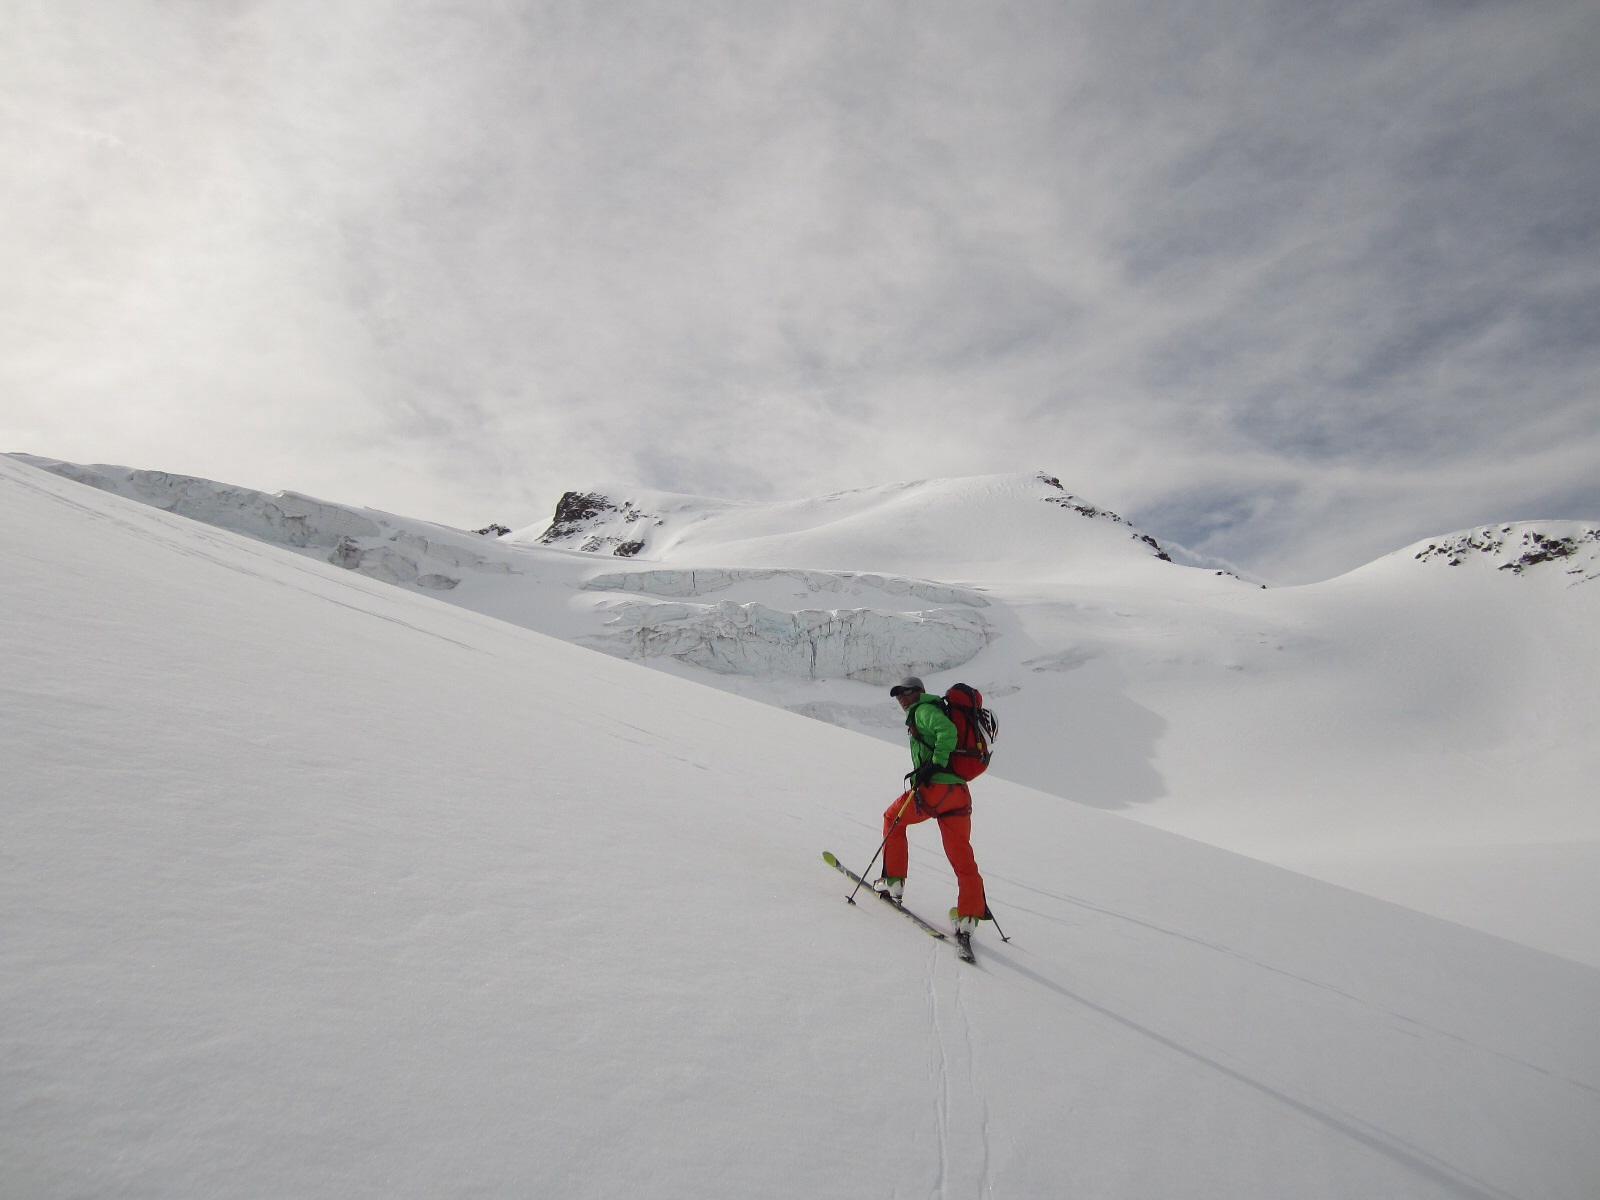 ....verso il secondo risalto del ghiacciaio...